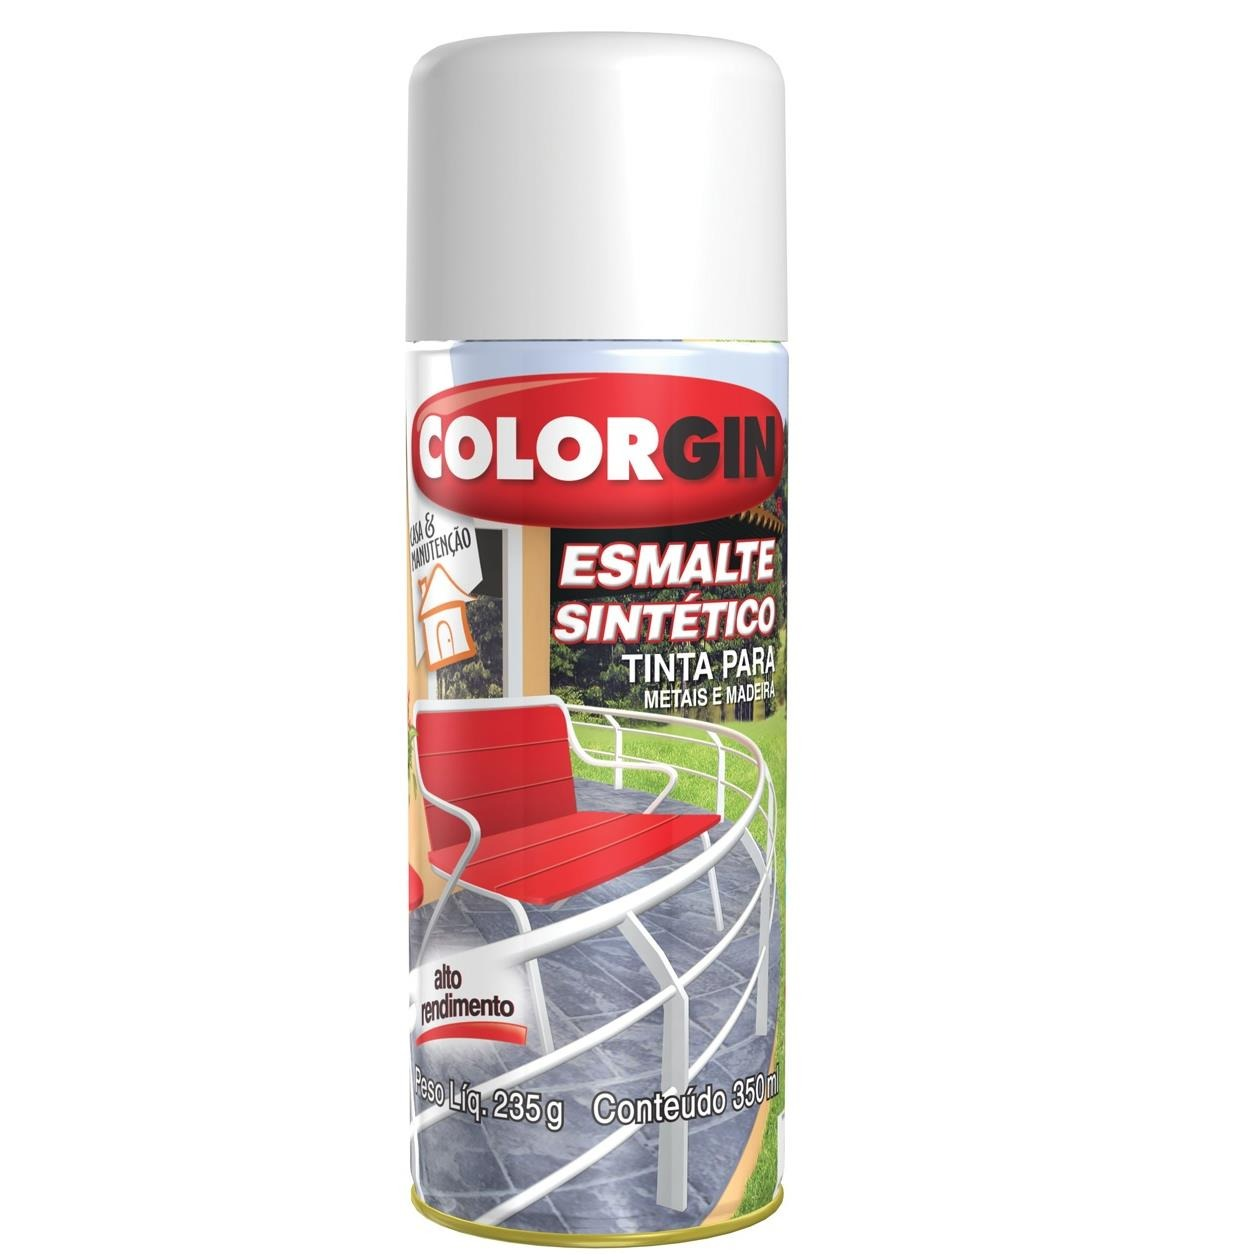 Tinta Spray Fosco Esmalte sintetico Interno e Externo - Preto - 350ml - Colorgin